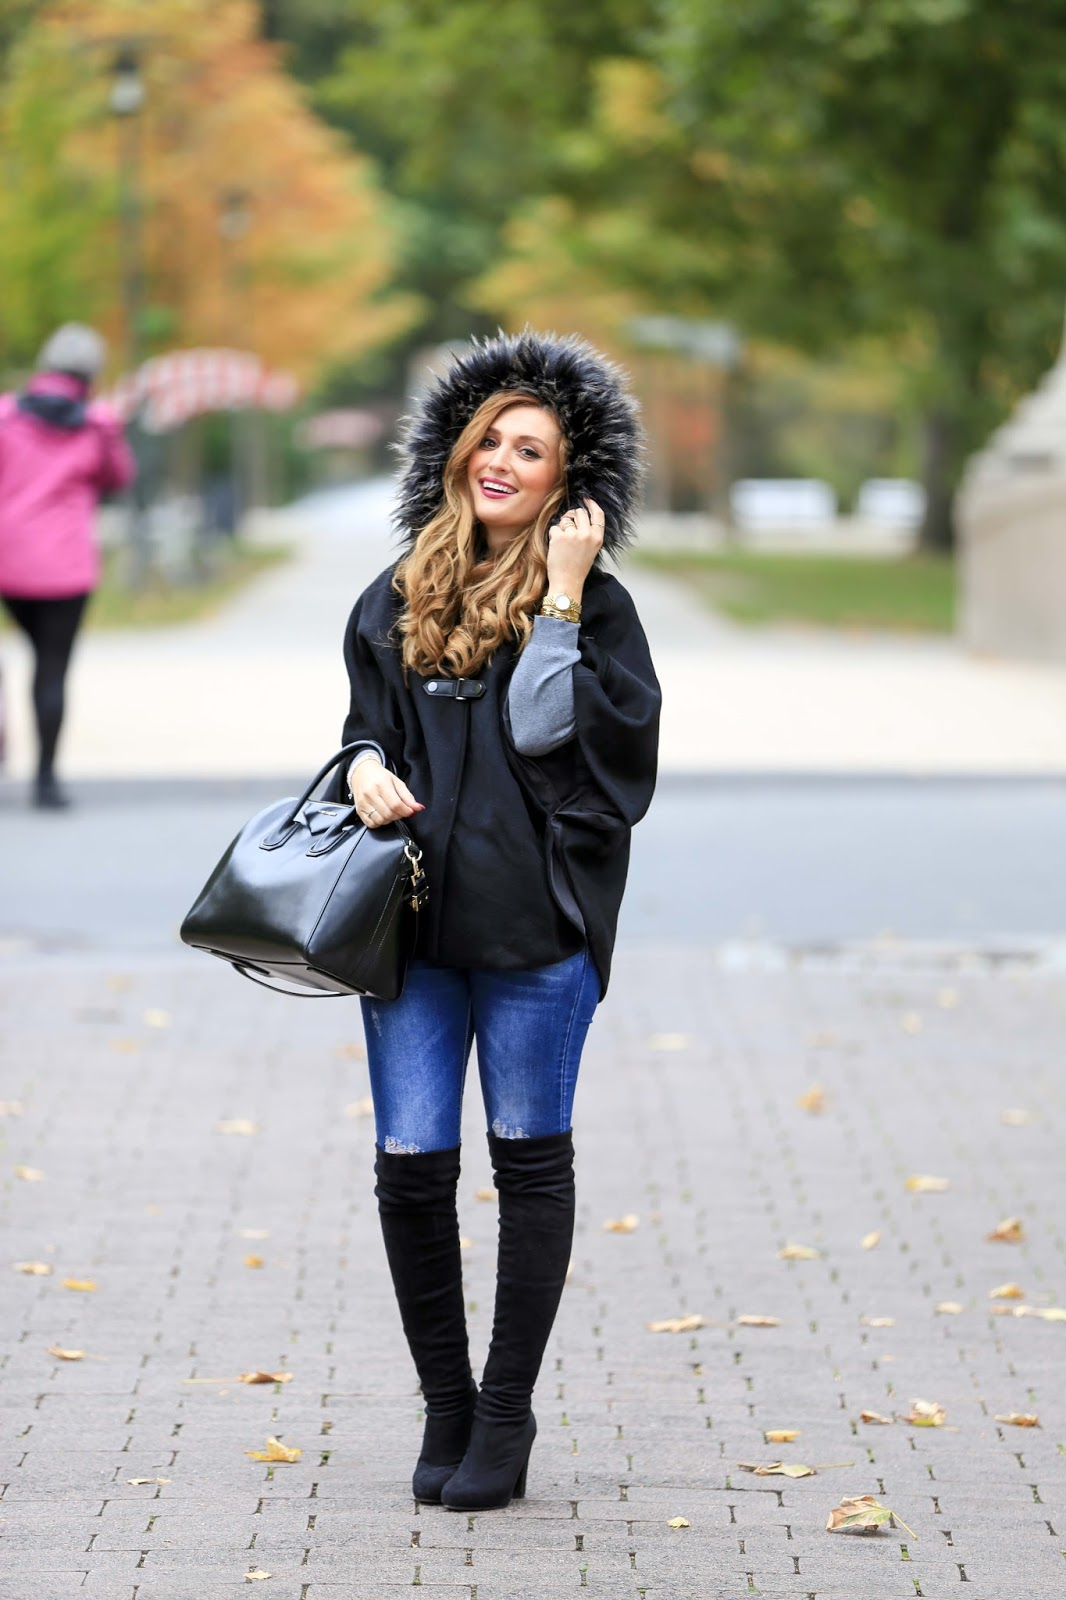 Blogger aus Deutschland- wie kombiniere ich Overknees - Overknees tragen- schwarze Overknees - was trage ich im Winter - Schwarzes Cape - Fashionblogger - Blogger